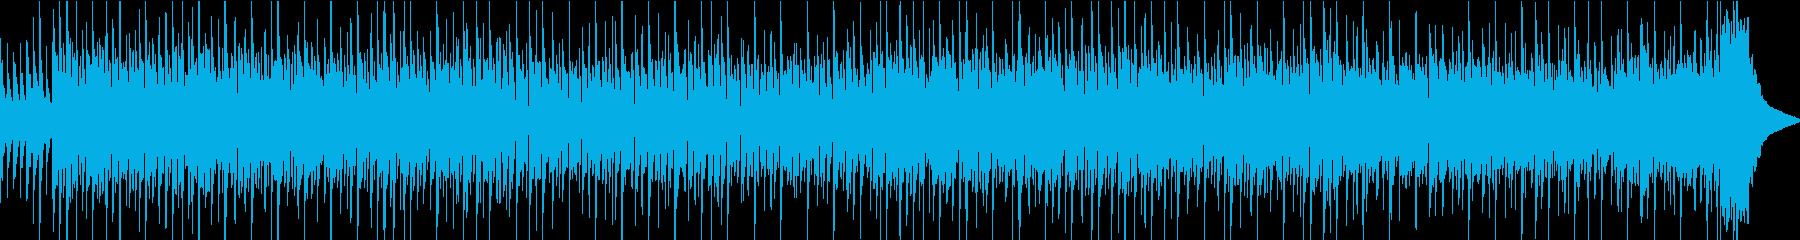 和風の三味線テクノと笛のテクノ(1分)の再生済みの波形